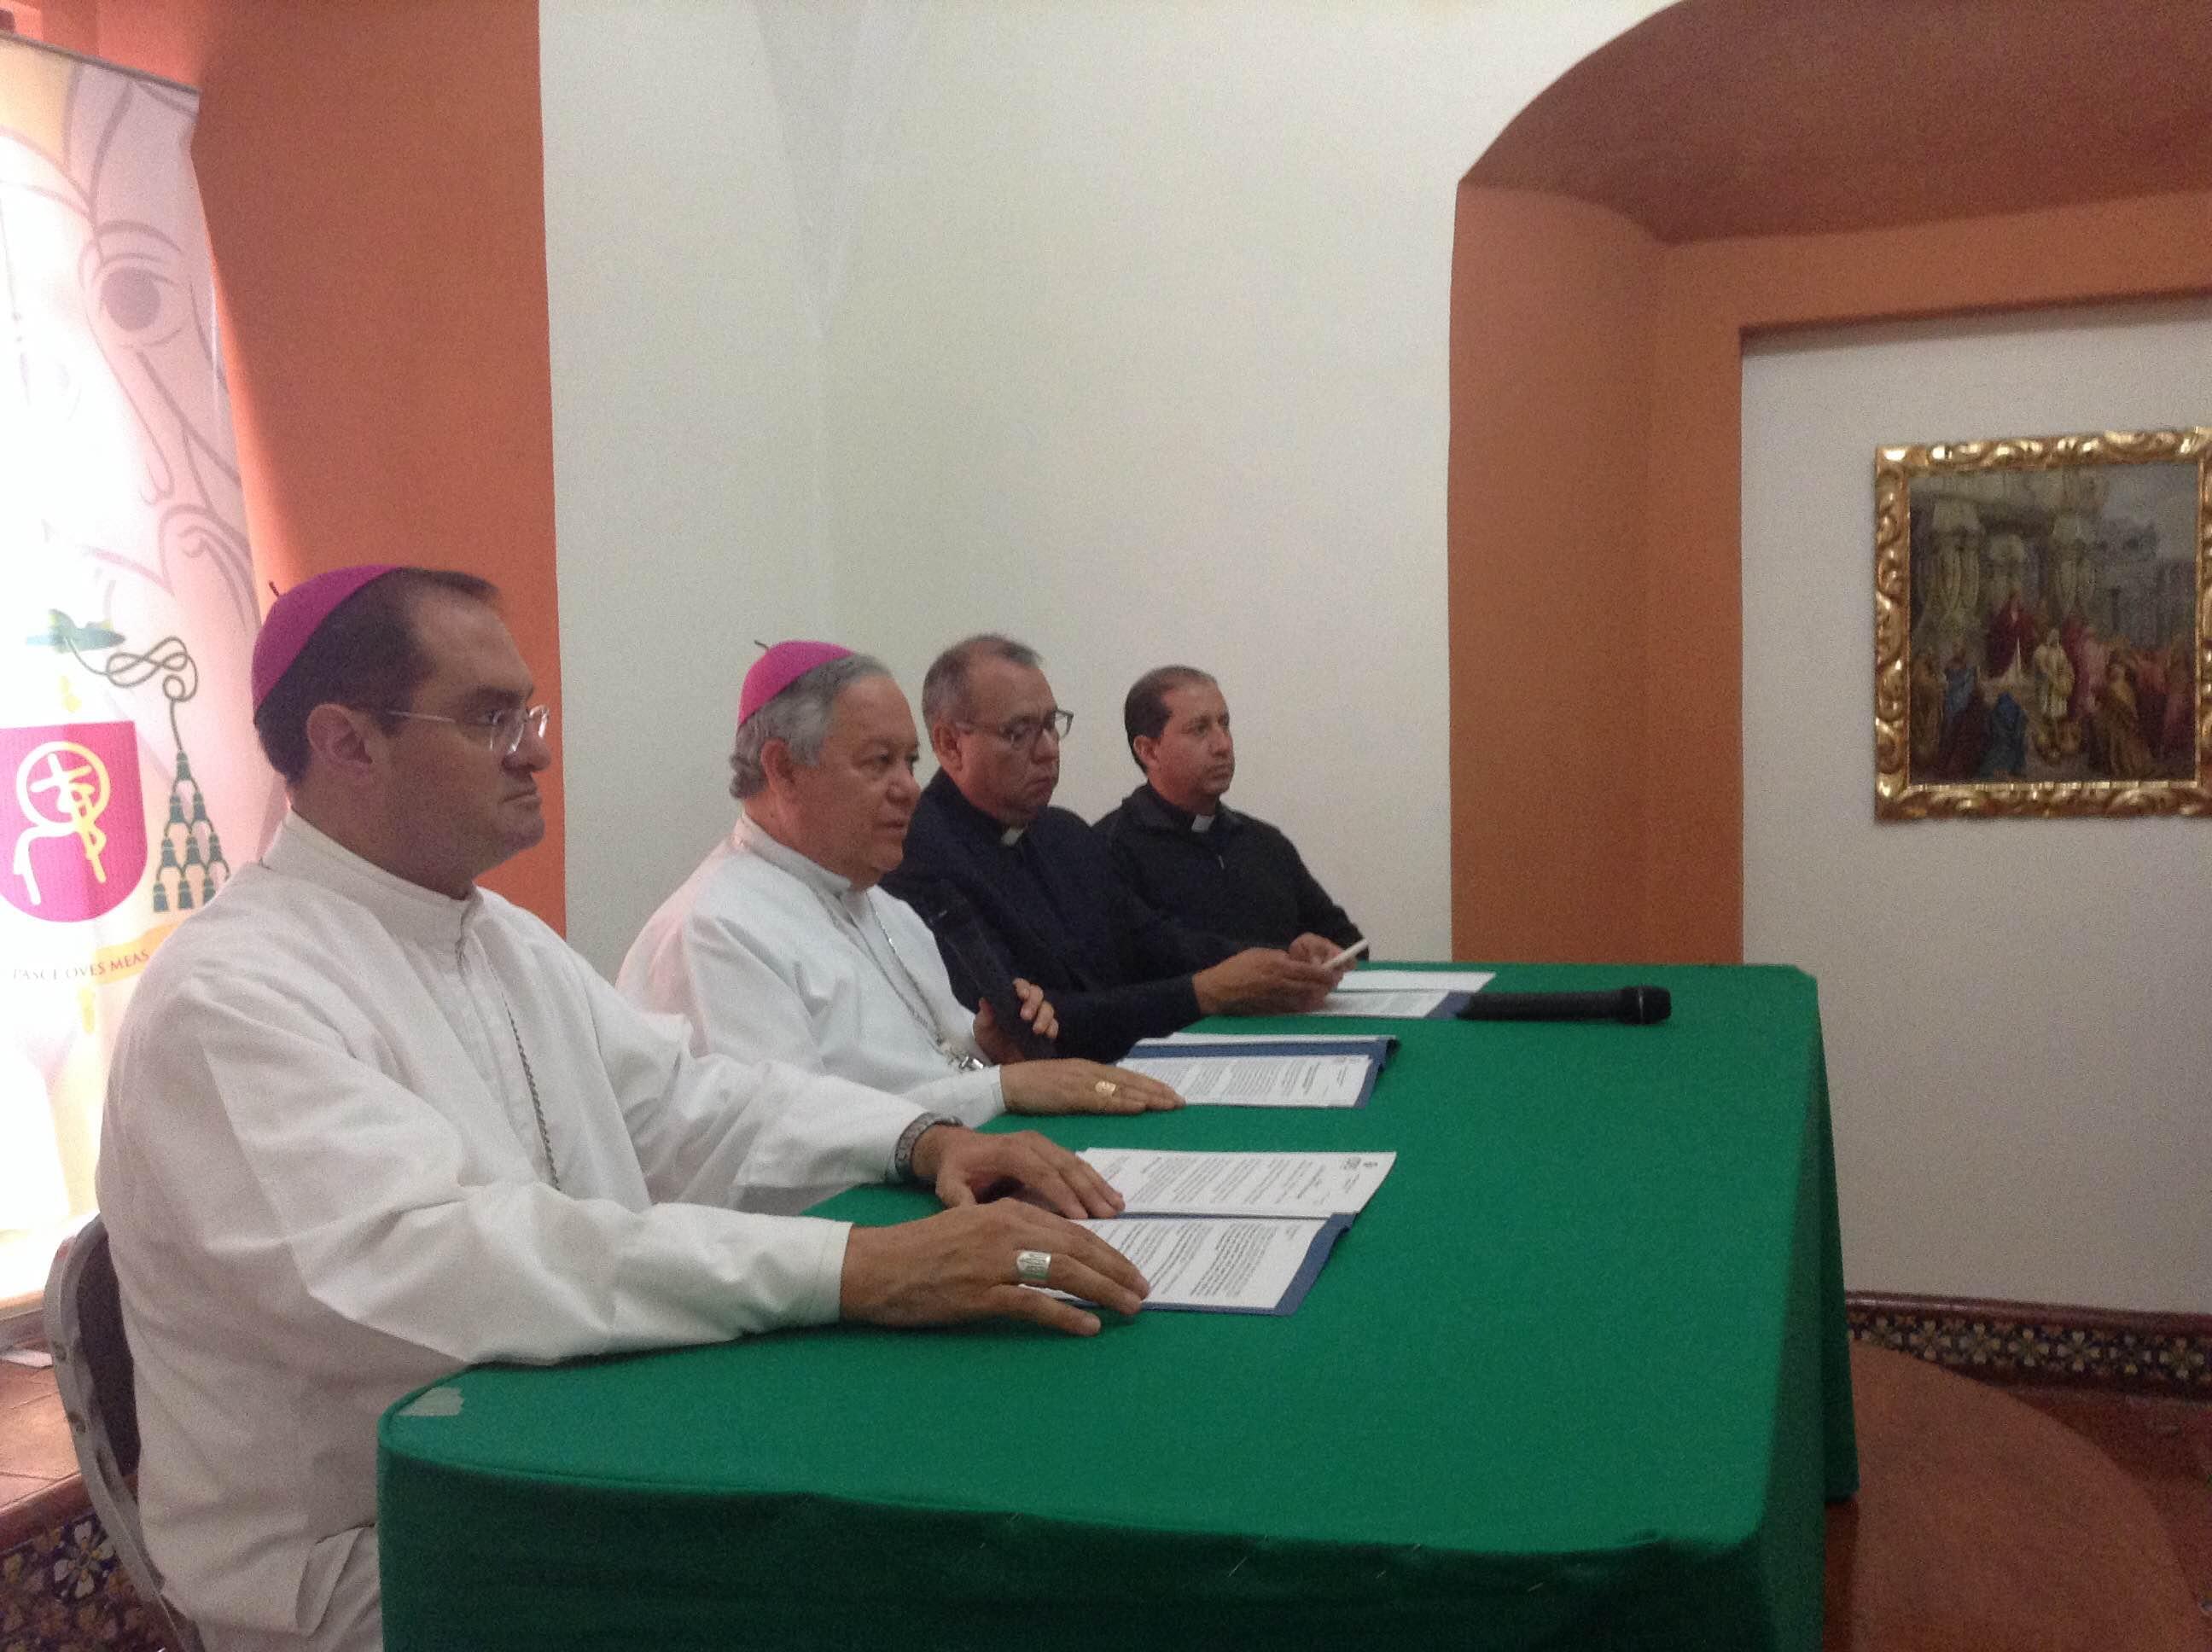 Hijos de matrimonios igualitarios pueden ser bautizados: arzobispo